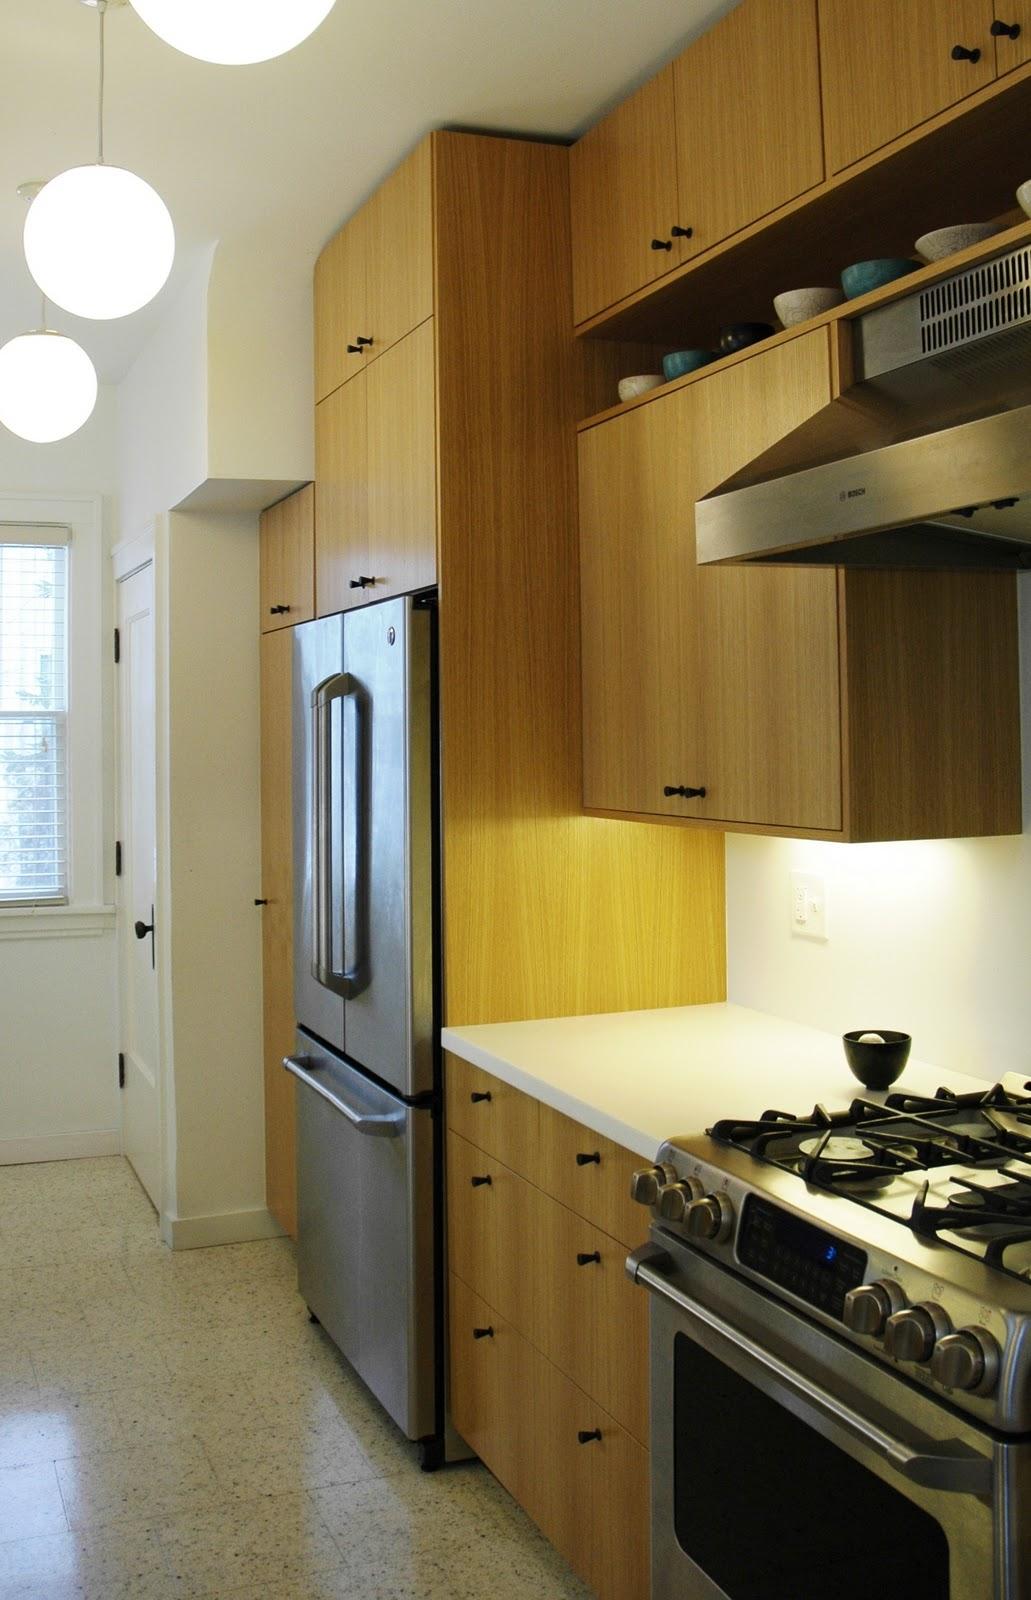 Swainhart Tresch Ultra Custom Ikea Galley Kitchen